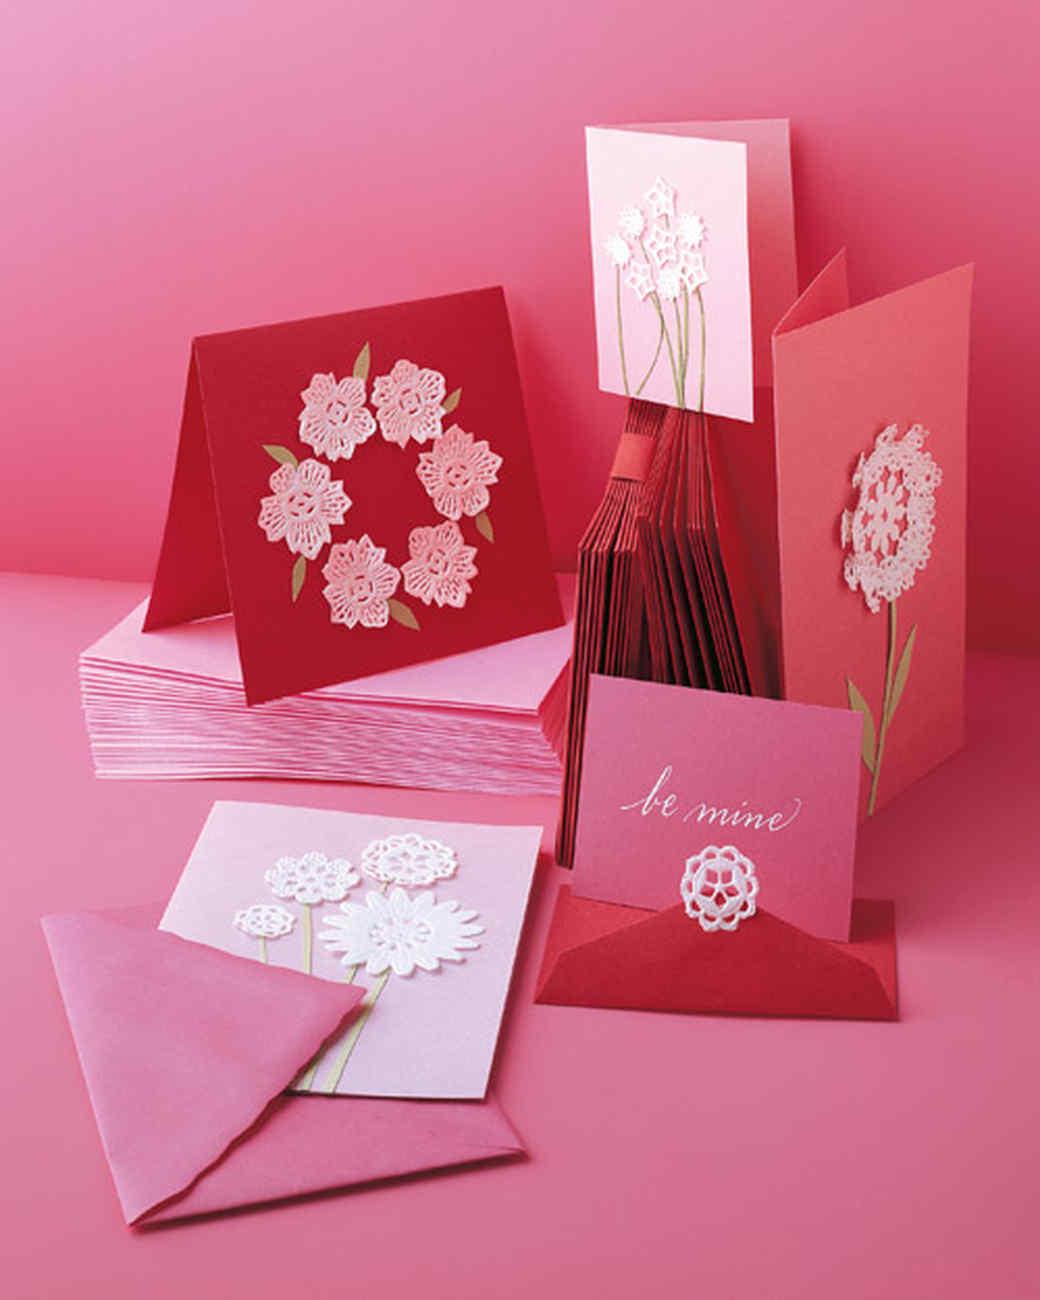 Last Minute Valentineu0026#039;s Day Ideas